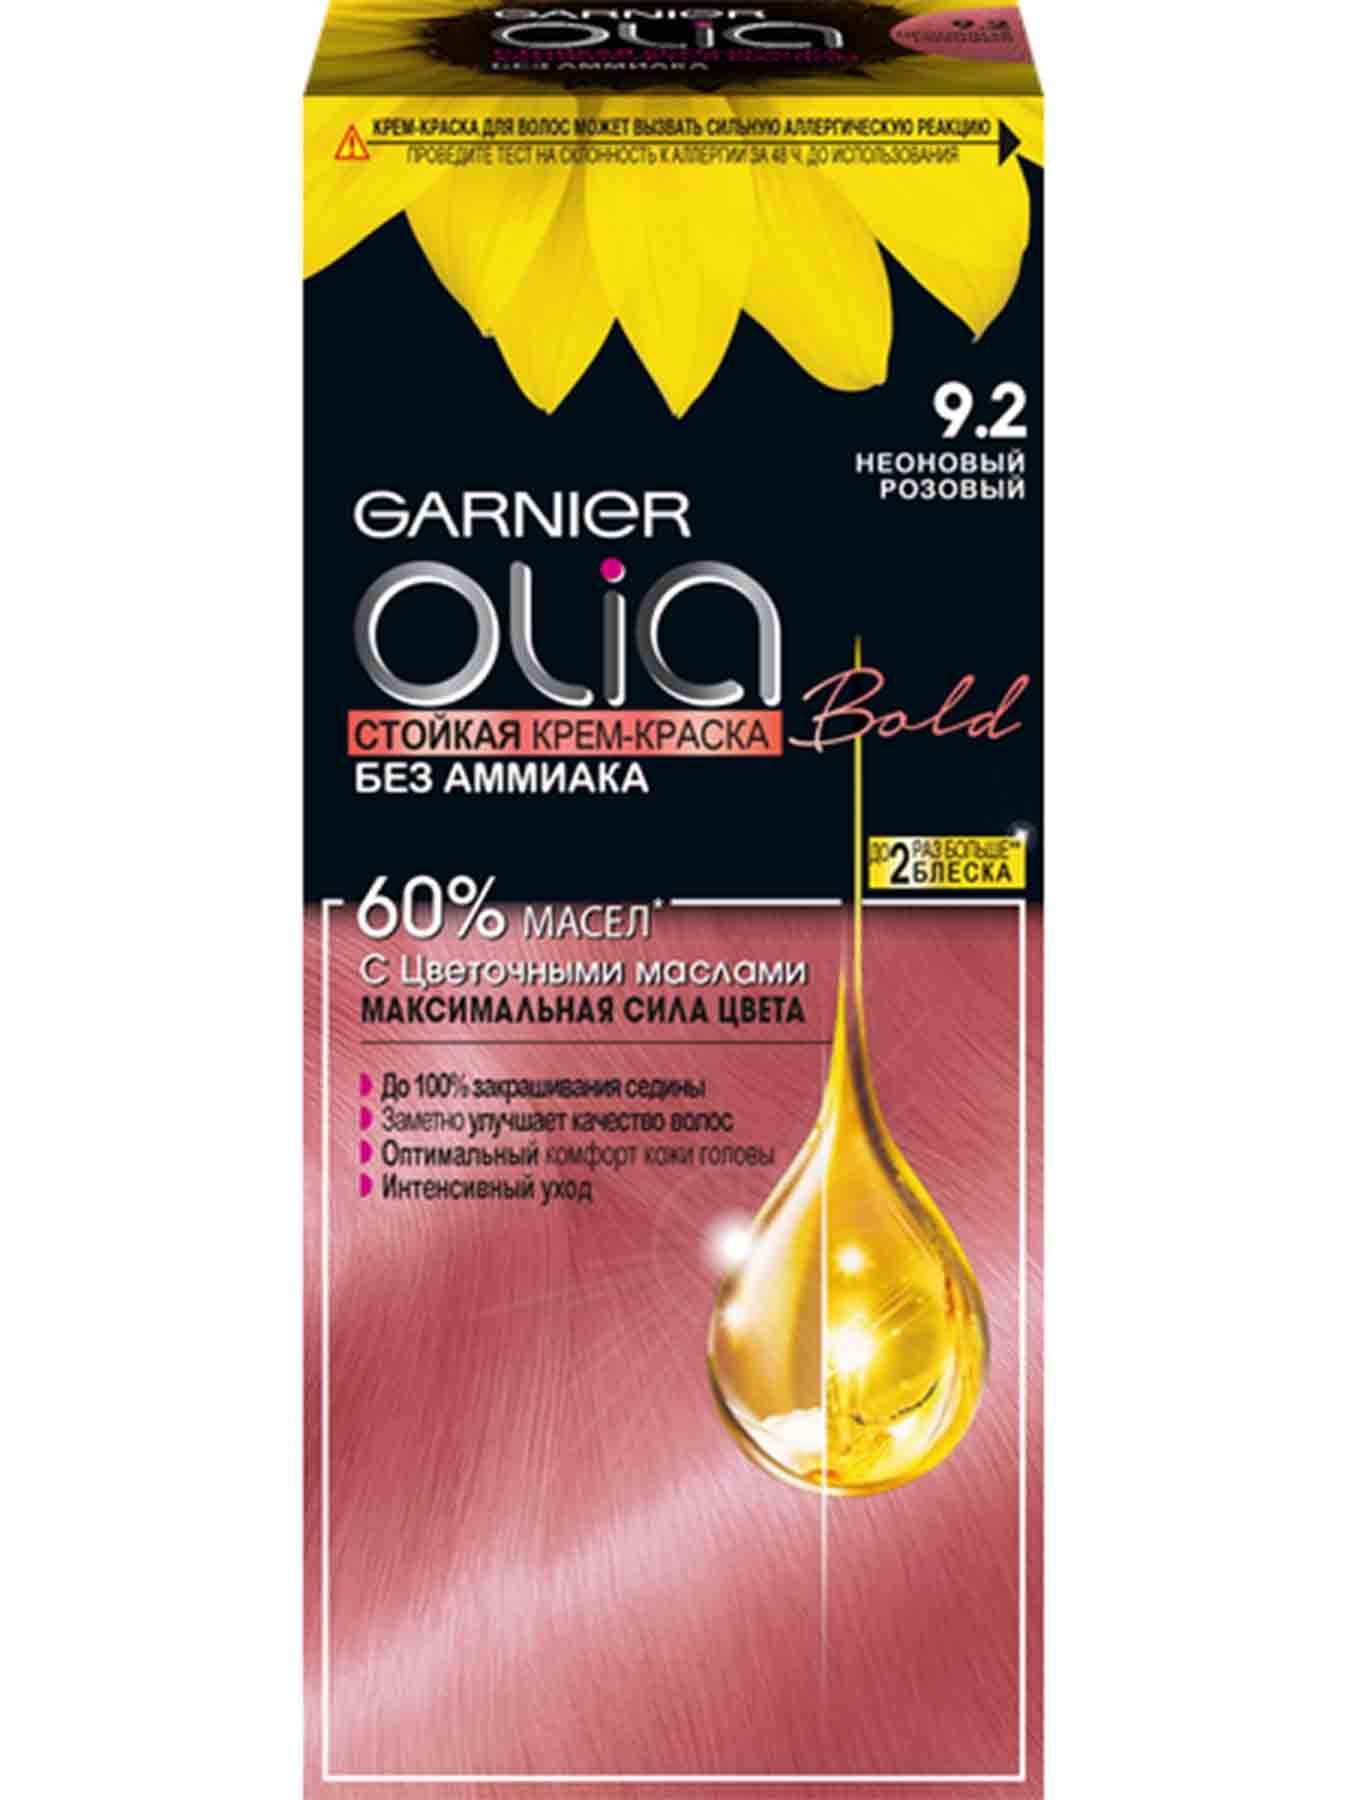 Купить Крем-краска для волос Garnier Olia 9.2 Неоновый розовый